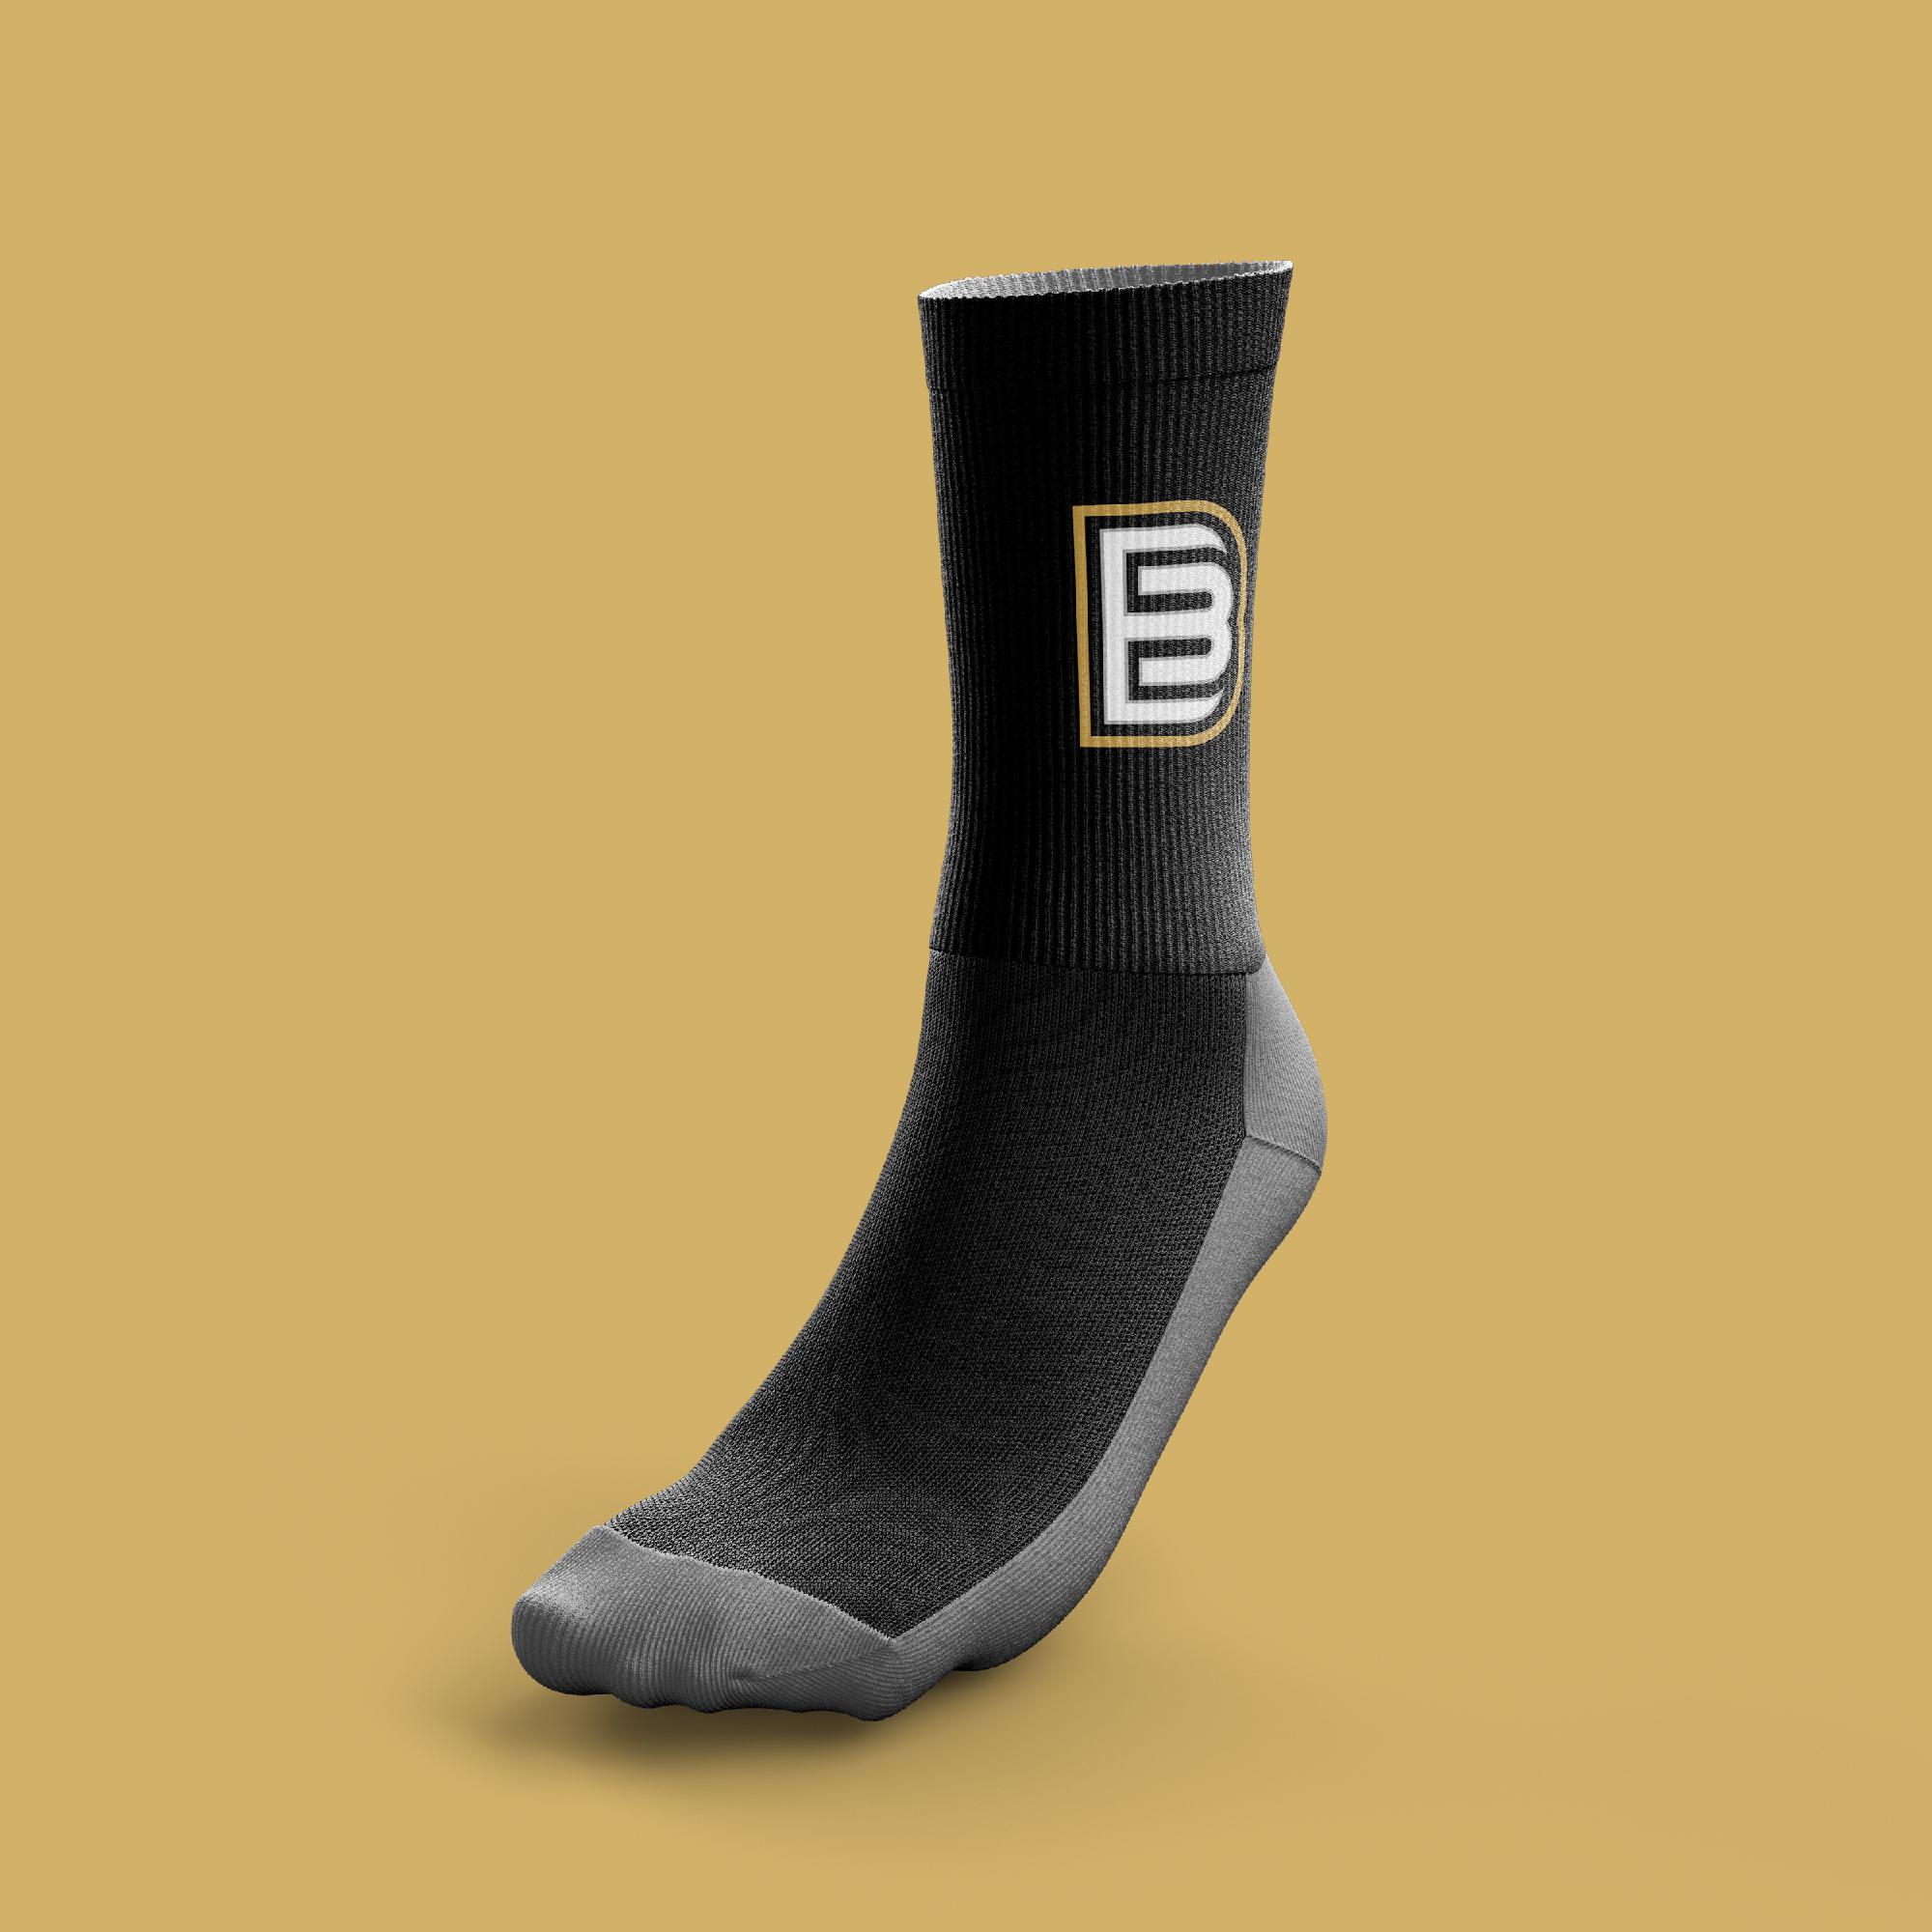 BBB_Socks_Gold.jpg